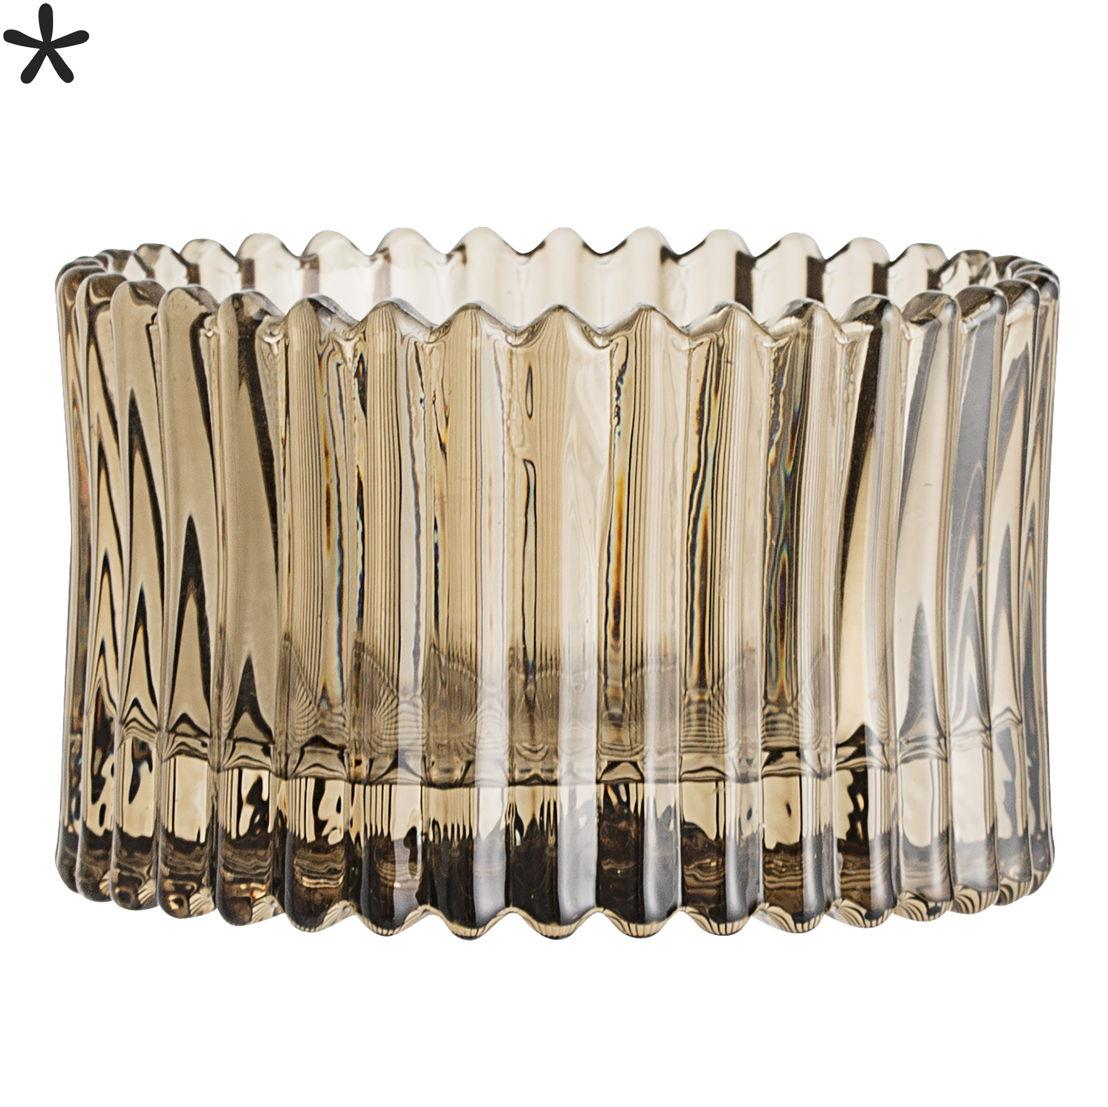 Bloomingville Waxinelichthouder bruin glas - €8,50